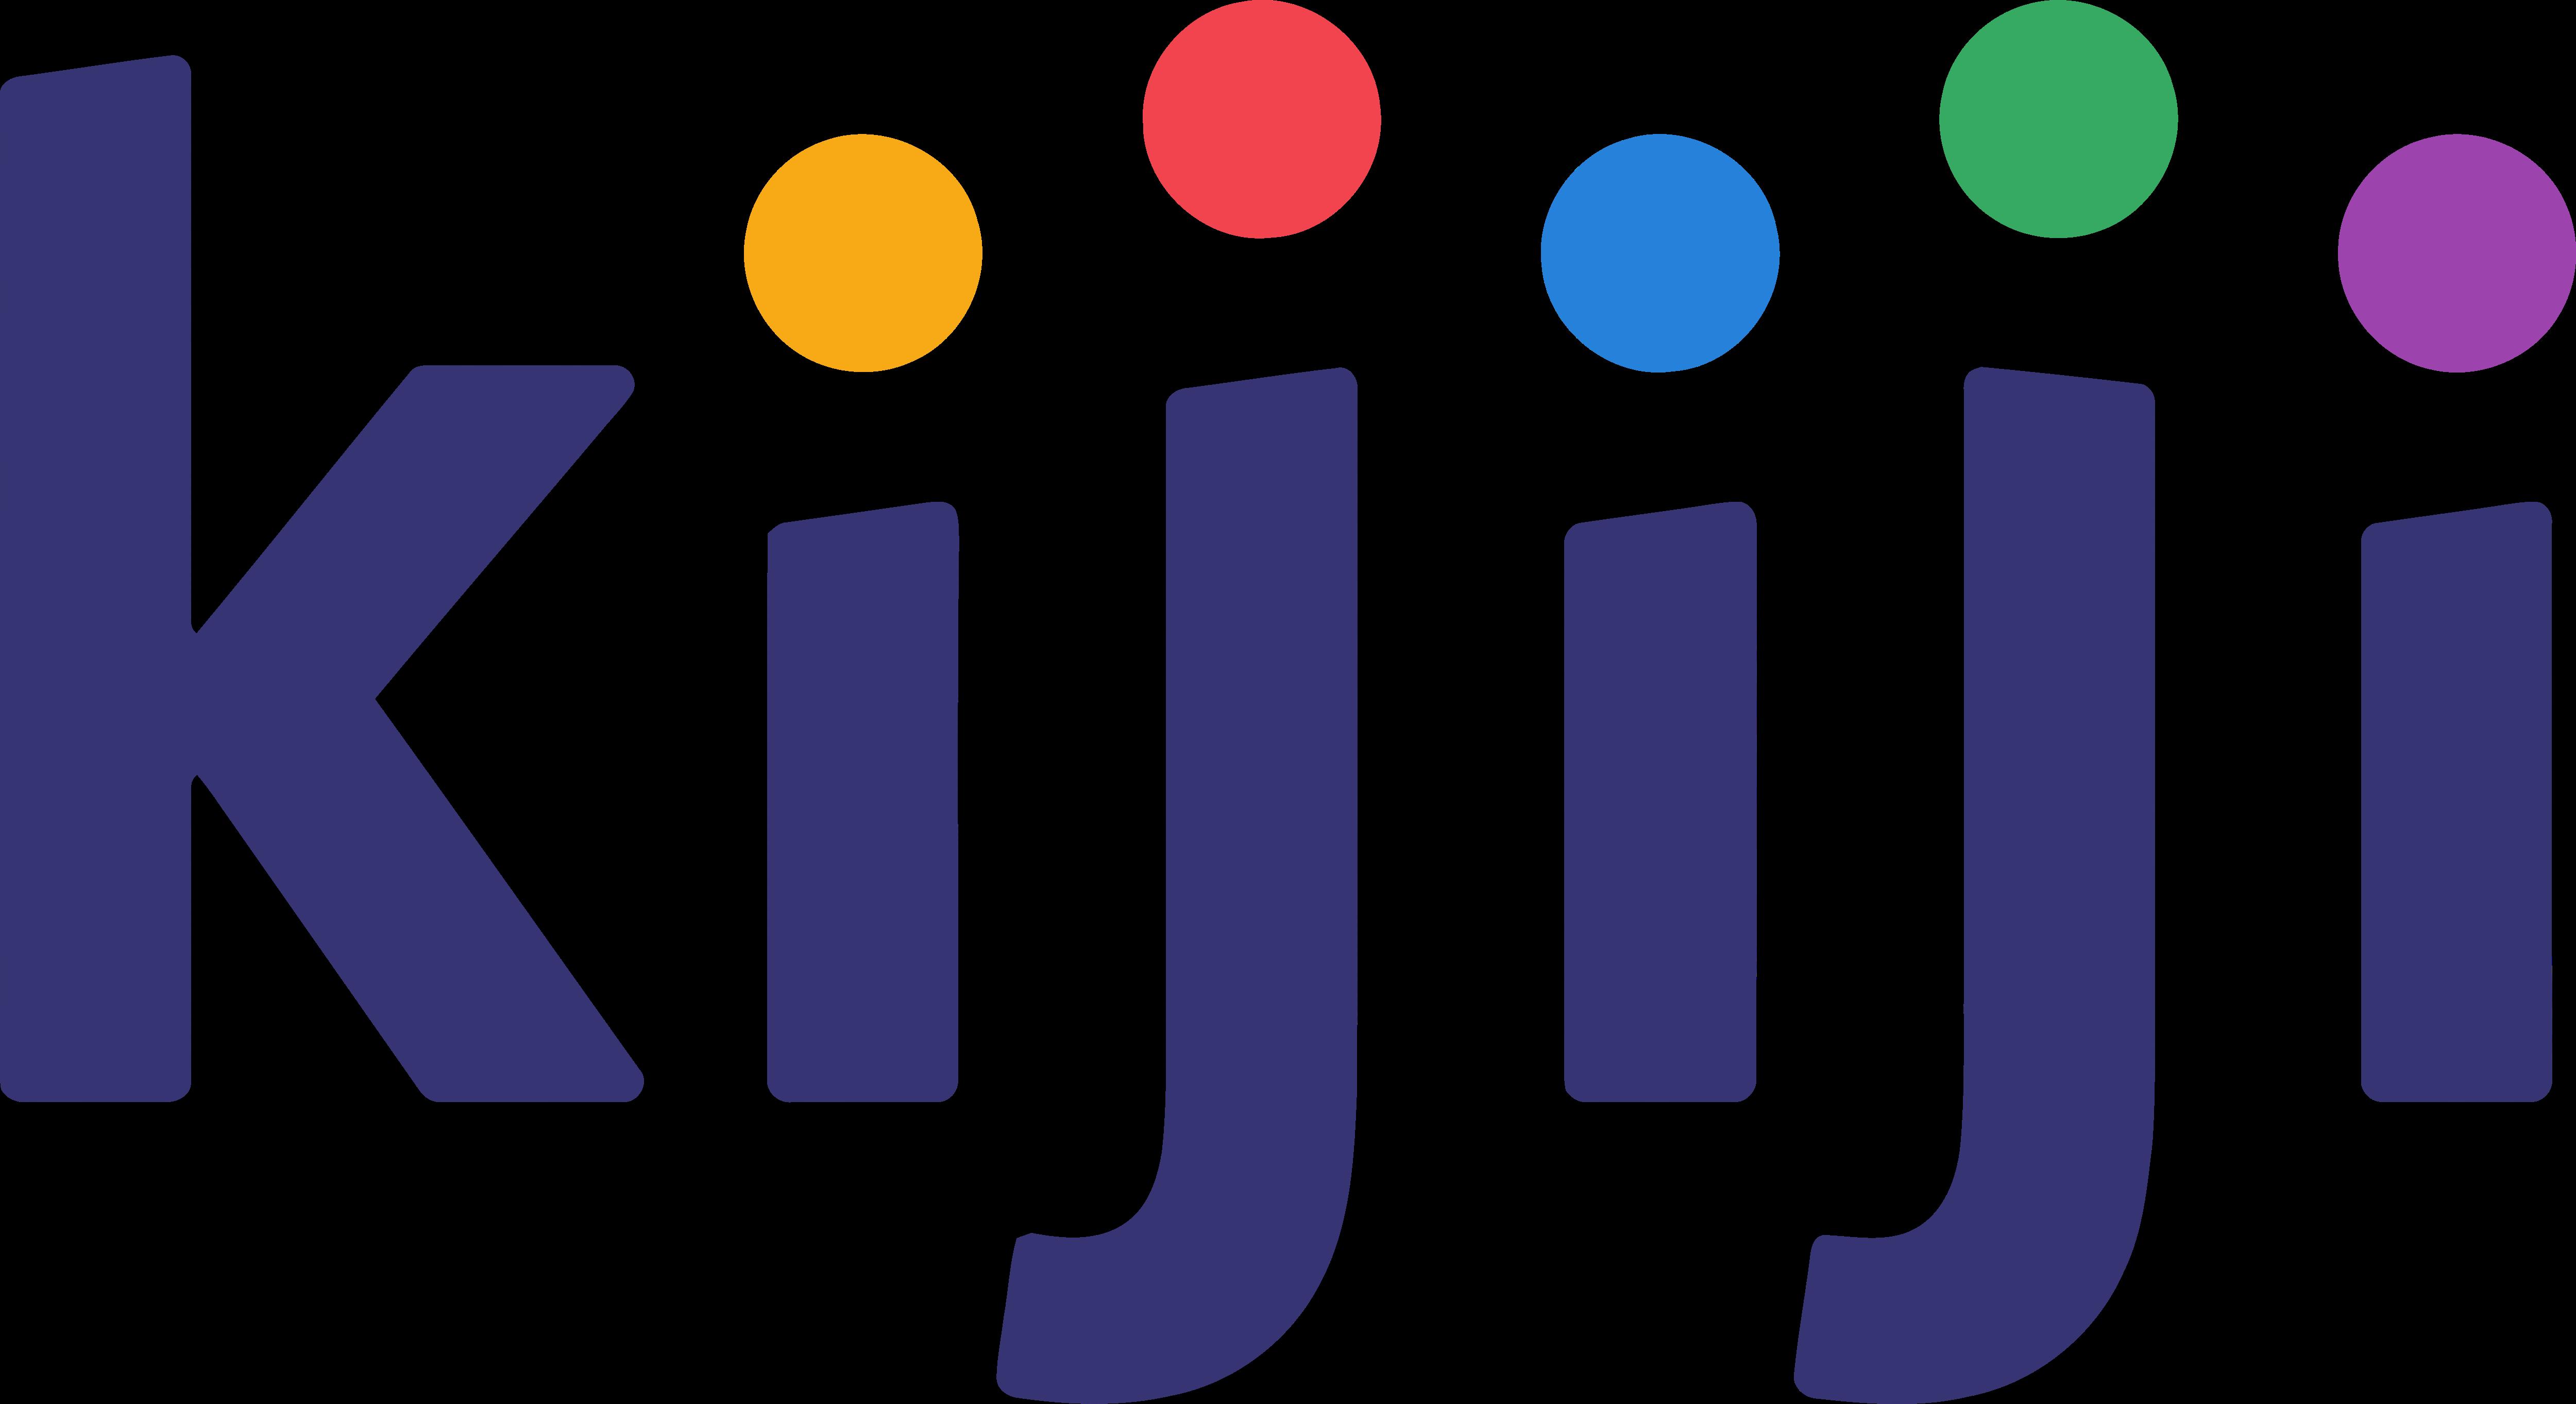 Kijijijii